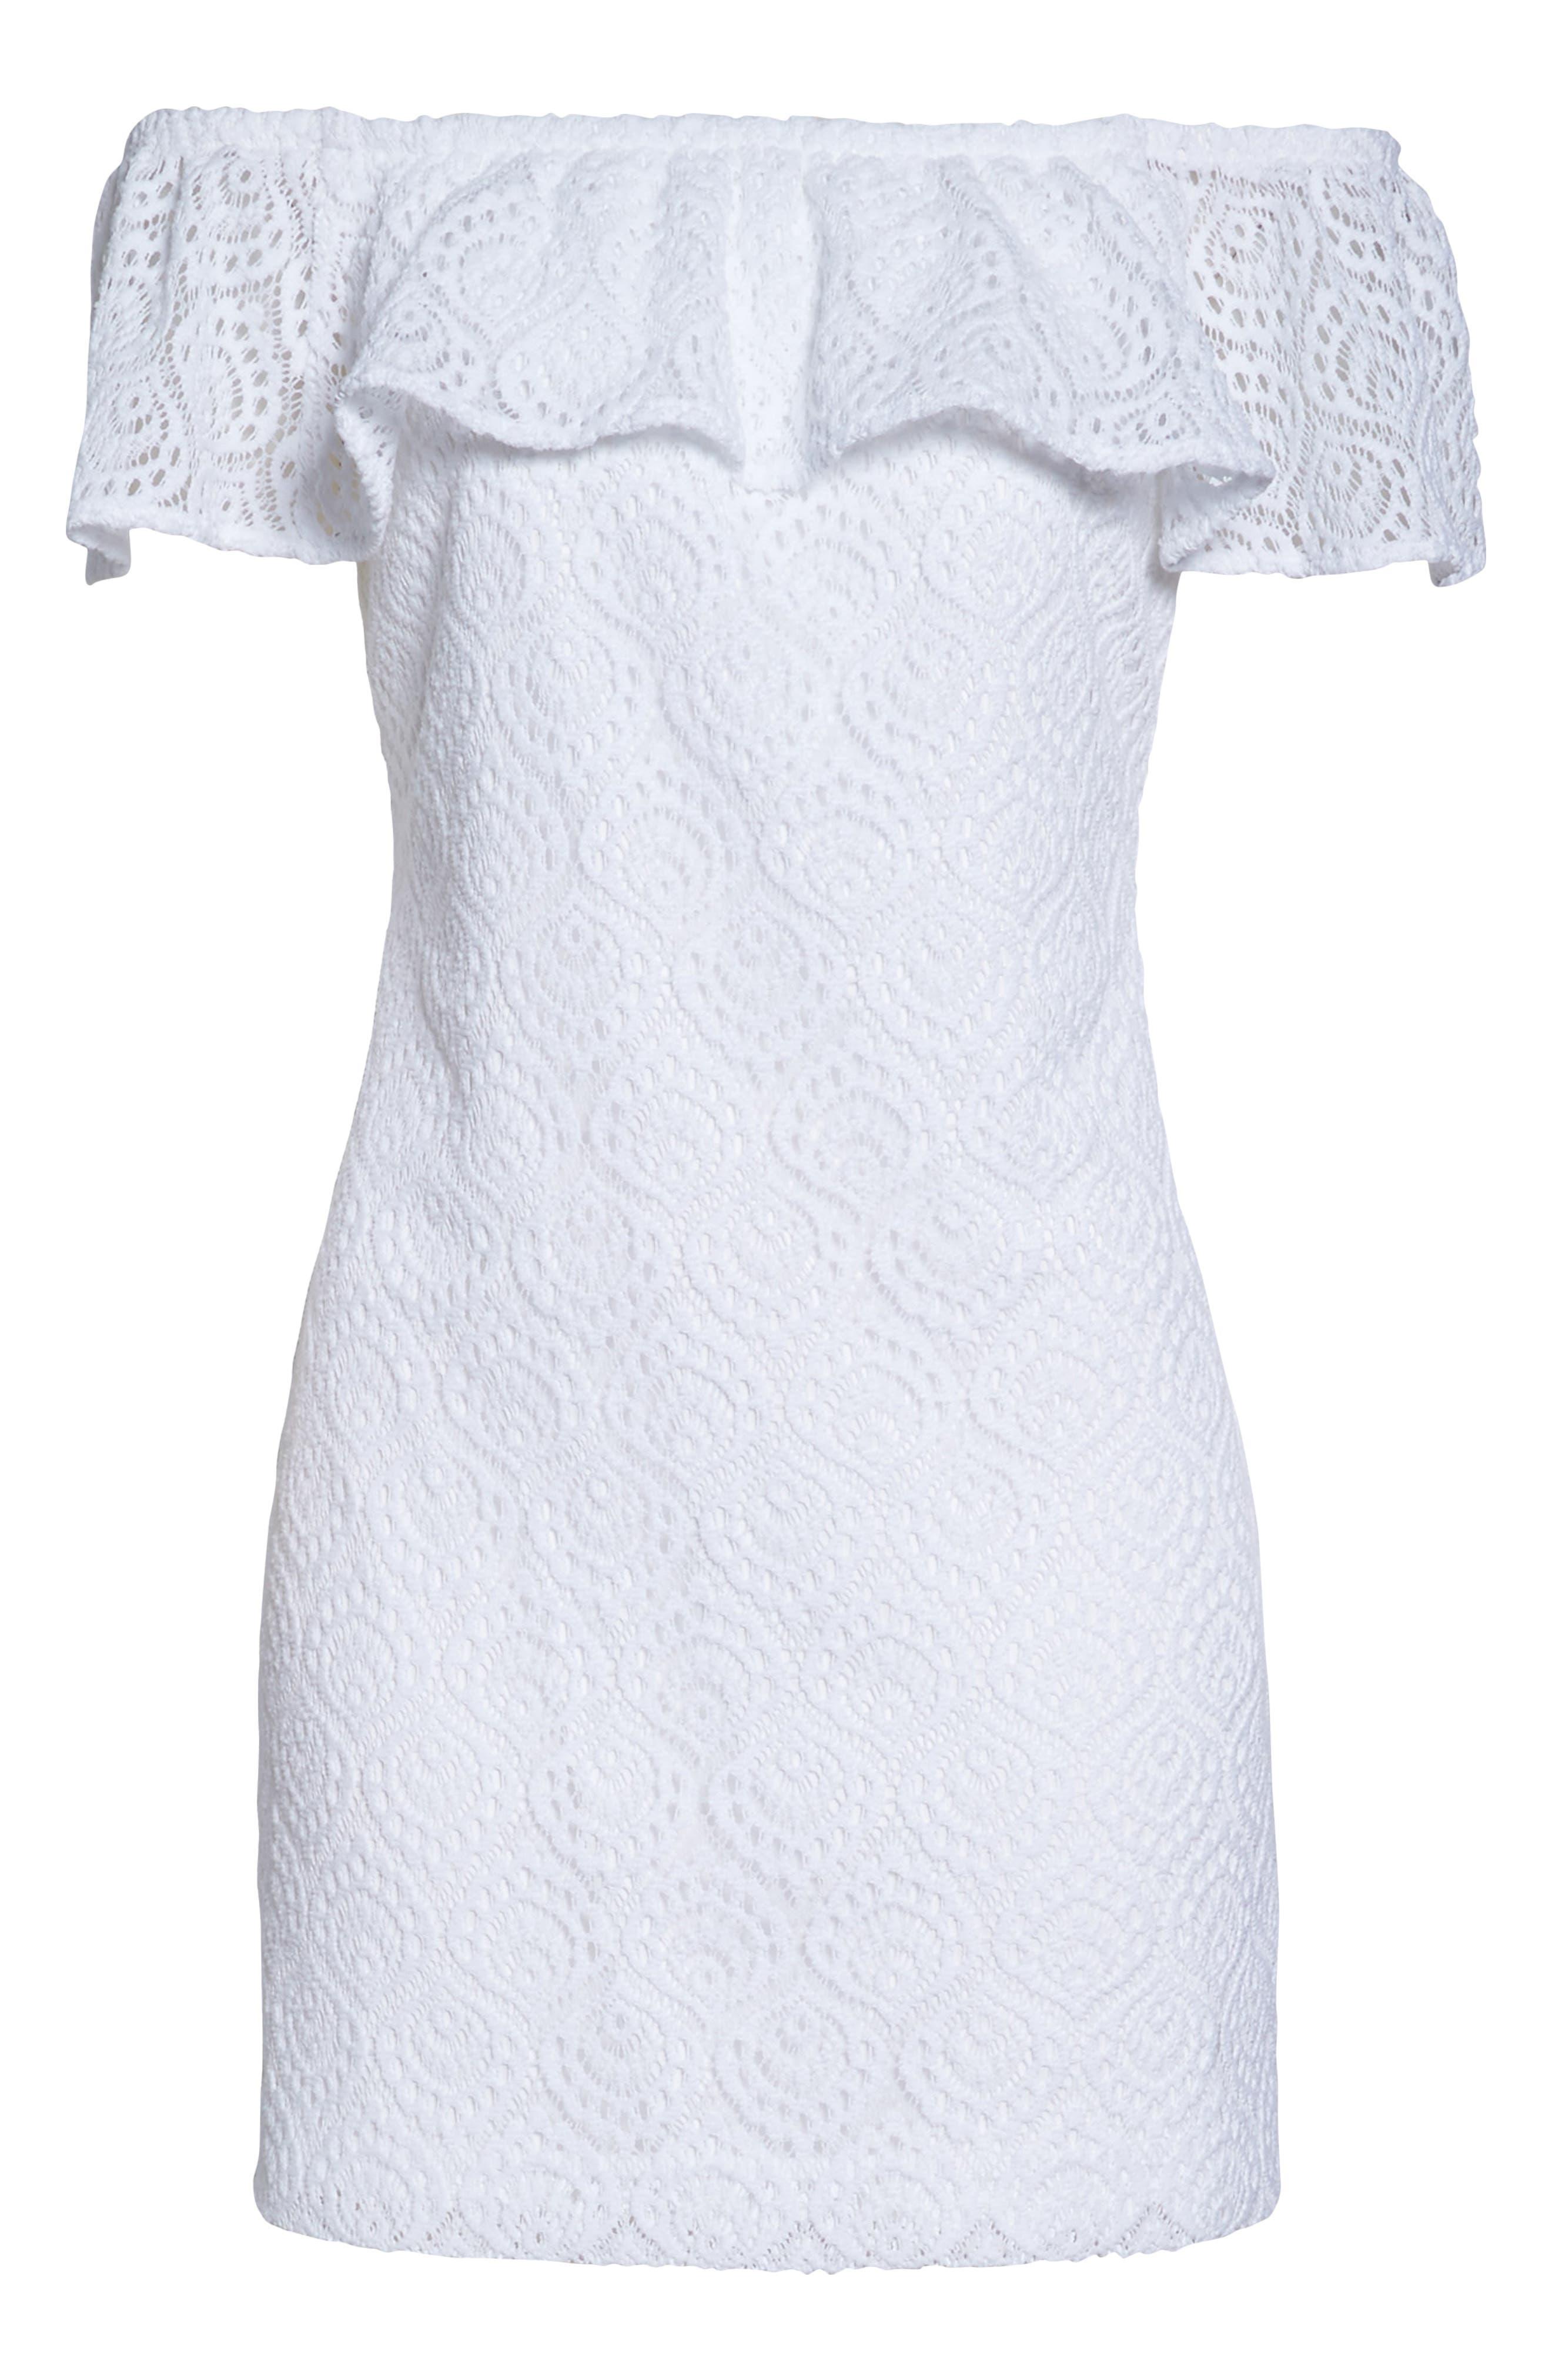 La Fortuna Off the Shoulder Lace Dress,                             Alternate thumbnail 6, color,                             100